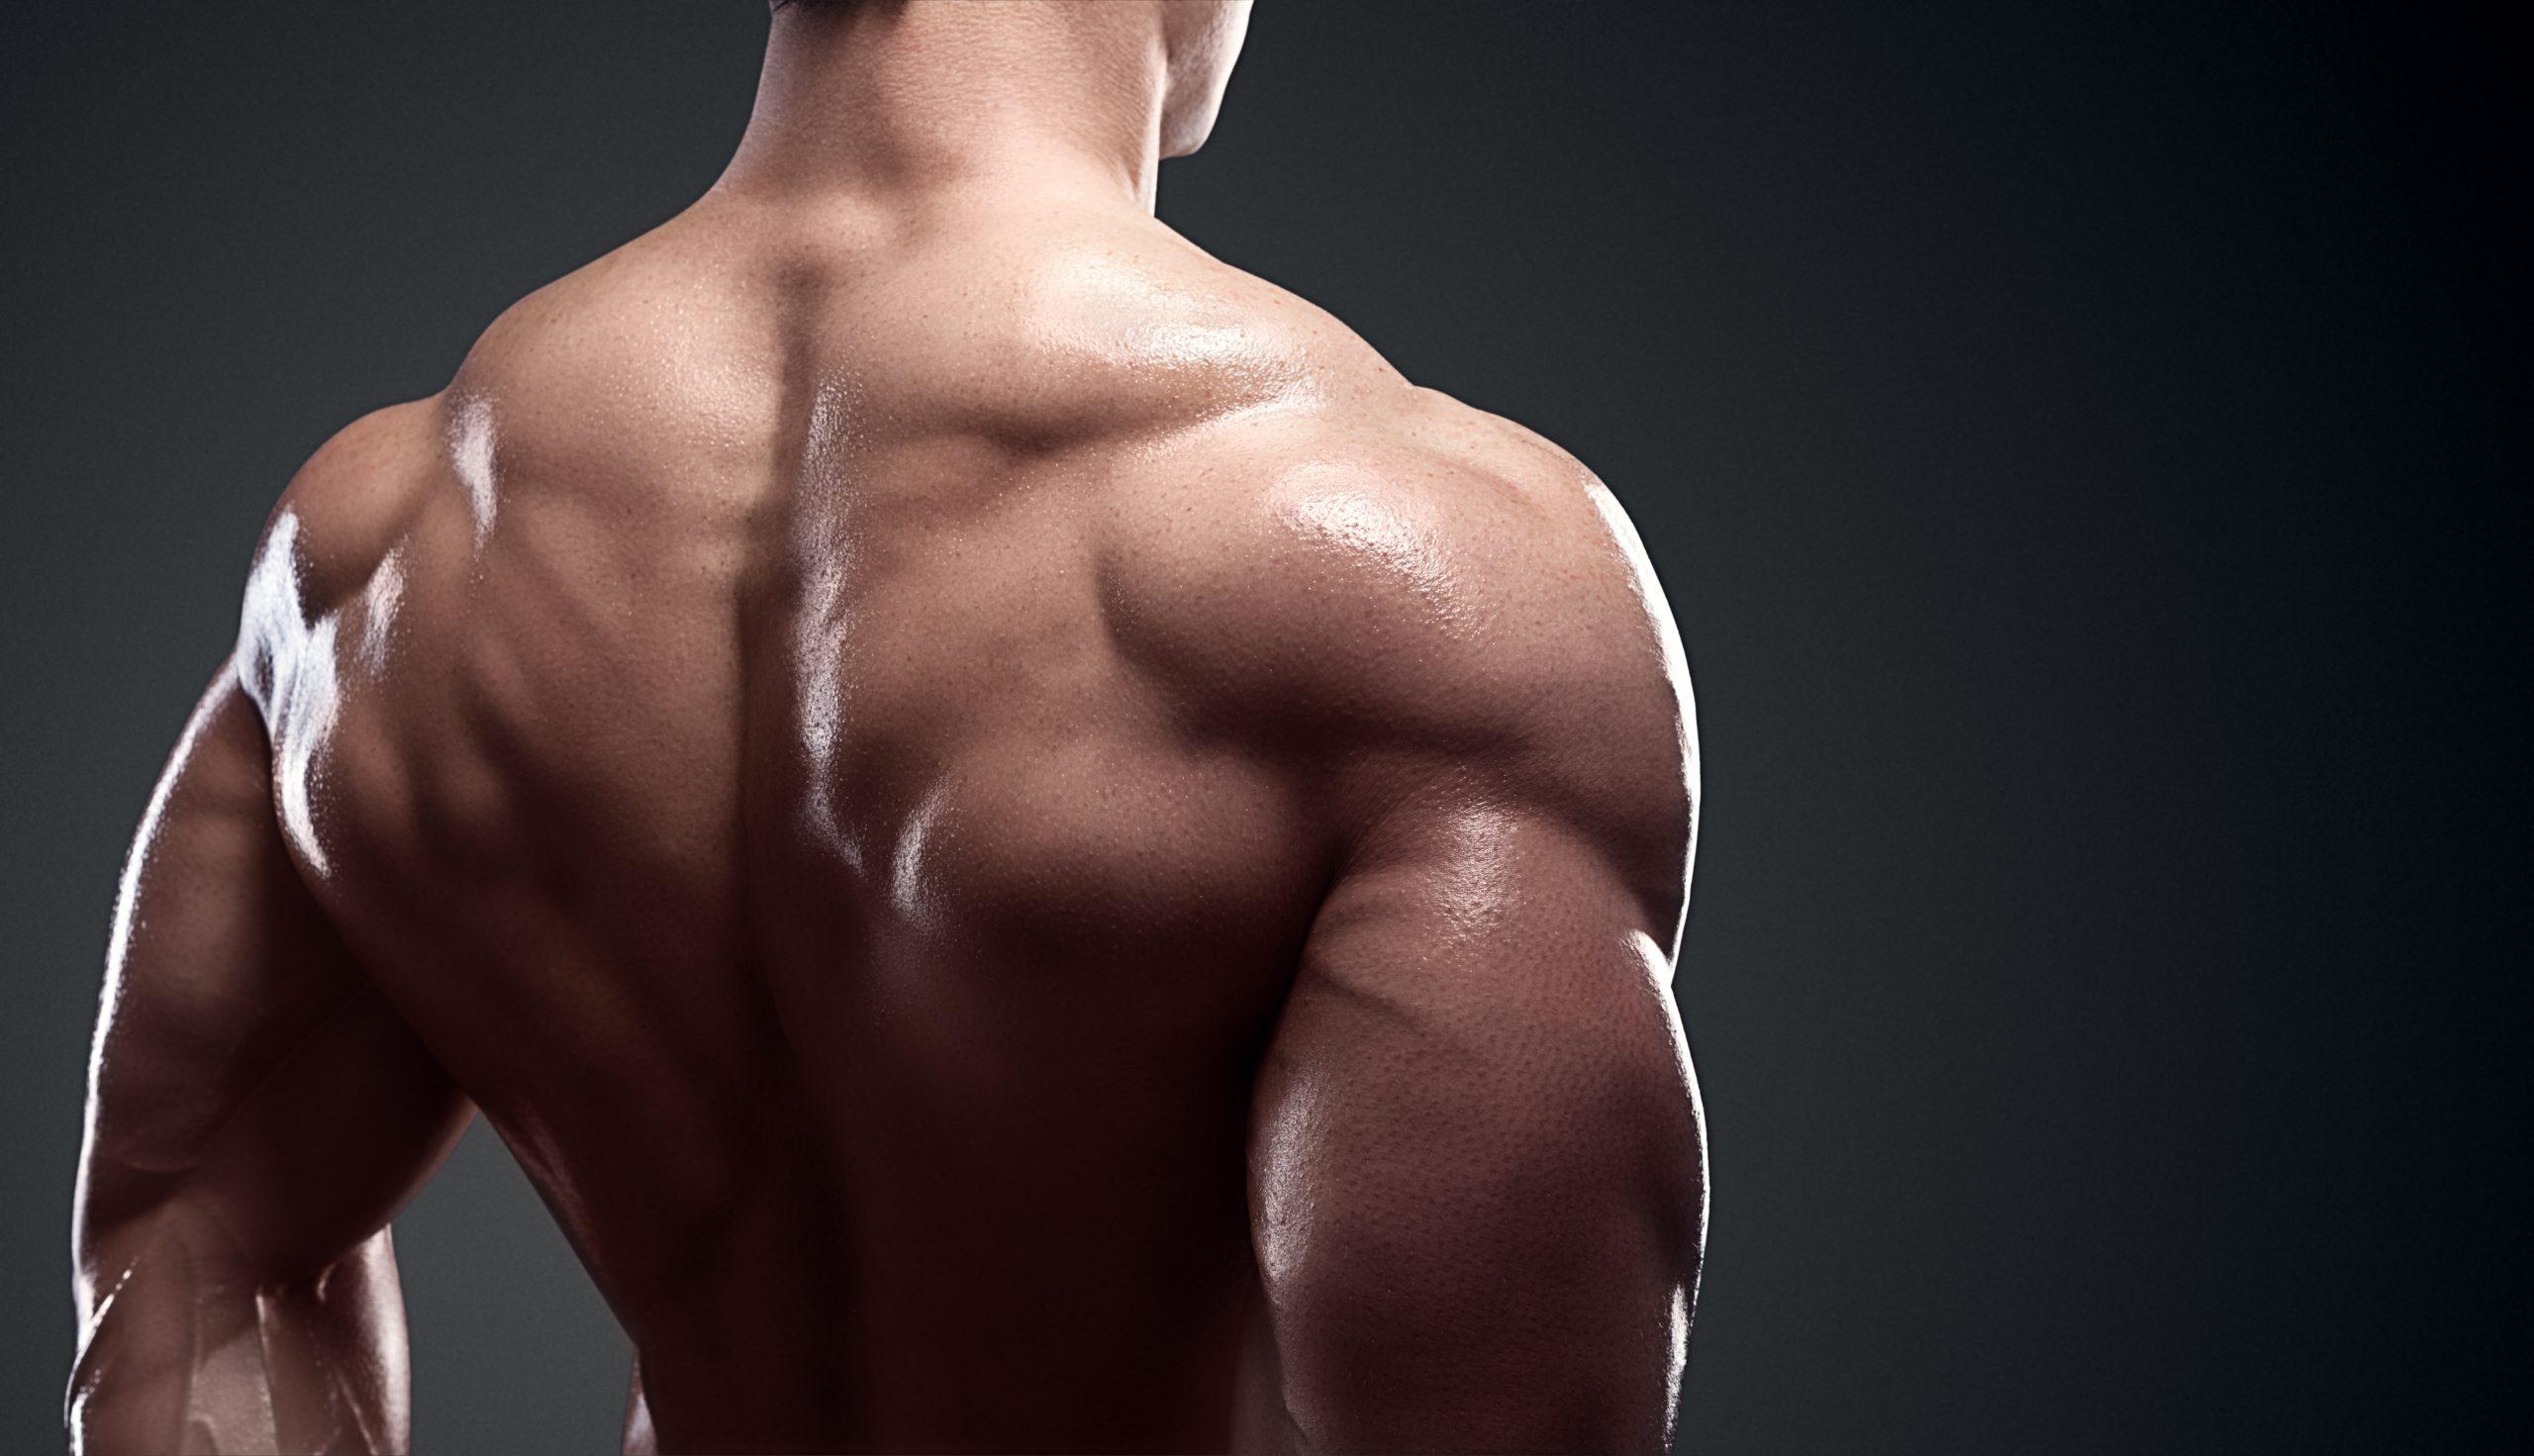 Rear delt muscle training